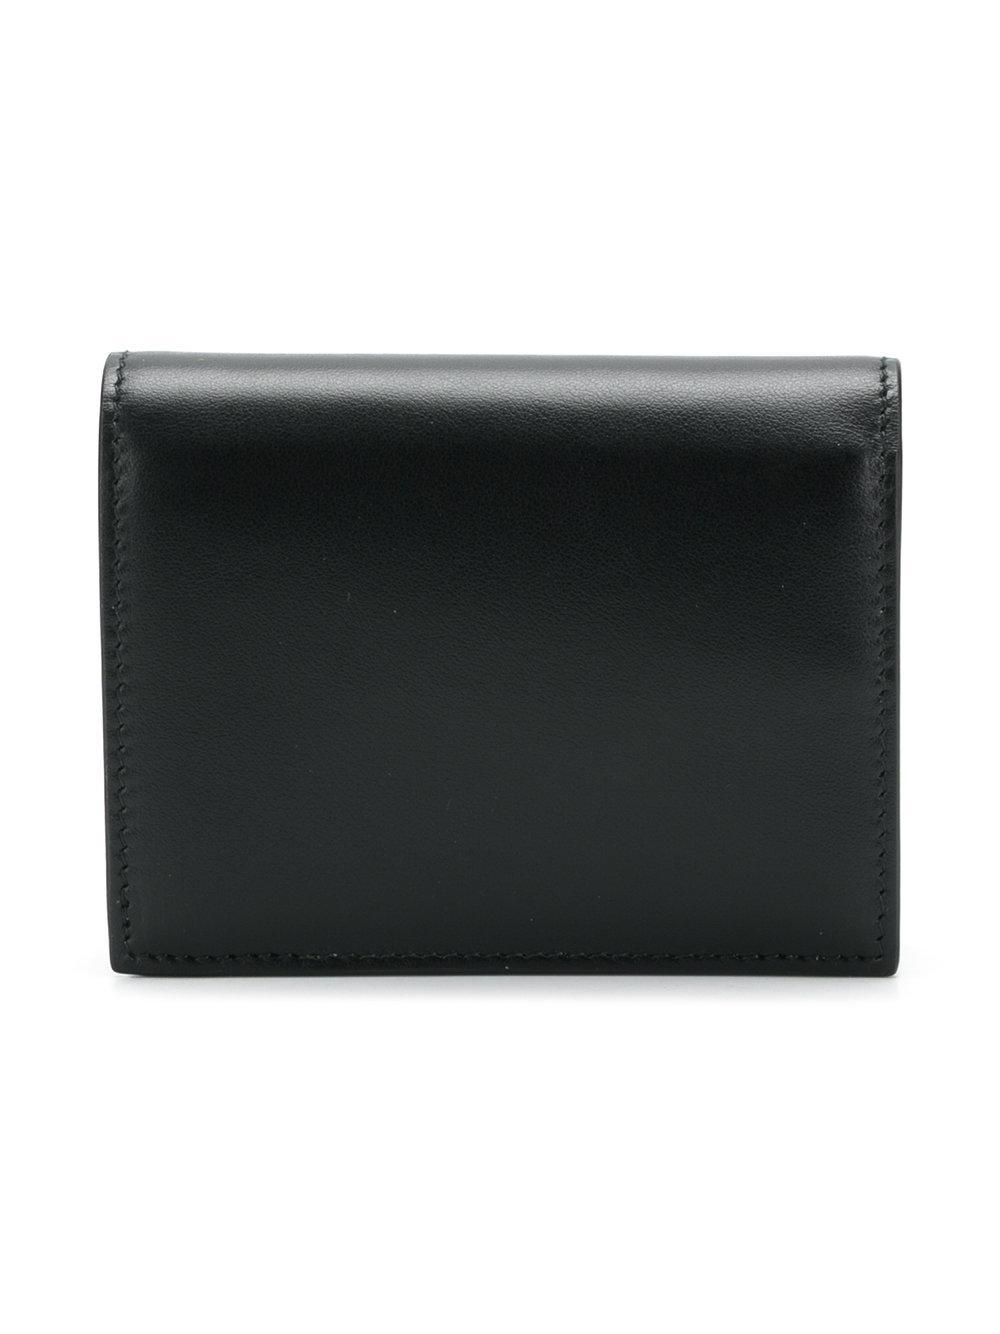 28f8daa0c8f0 Lyst - Miu Miu Bow Mini Wallet in Black